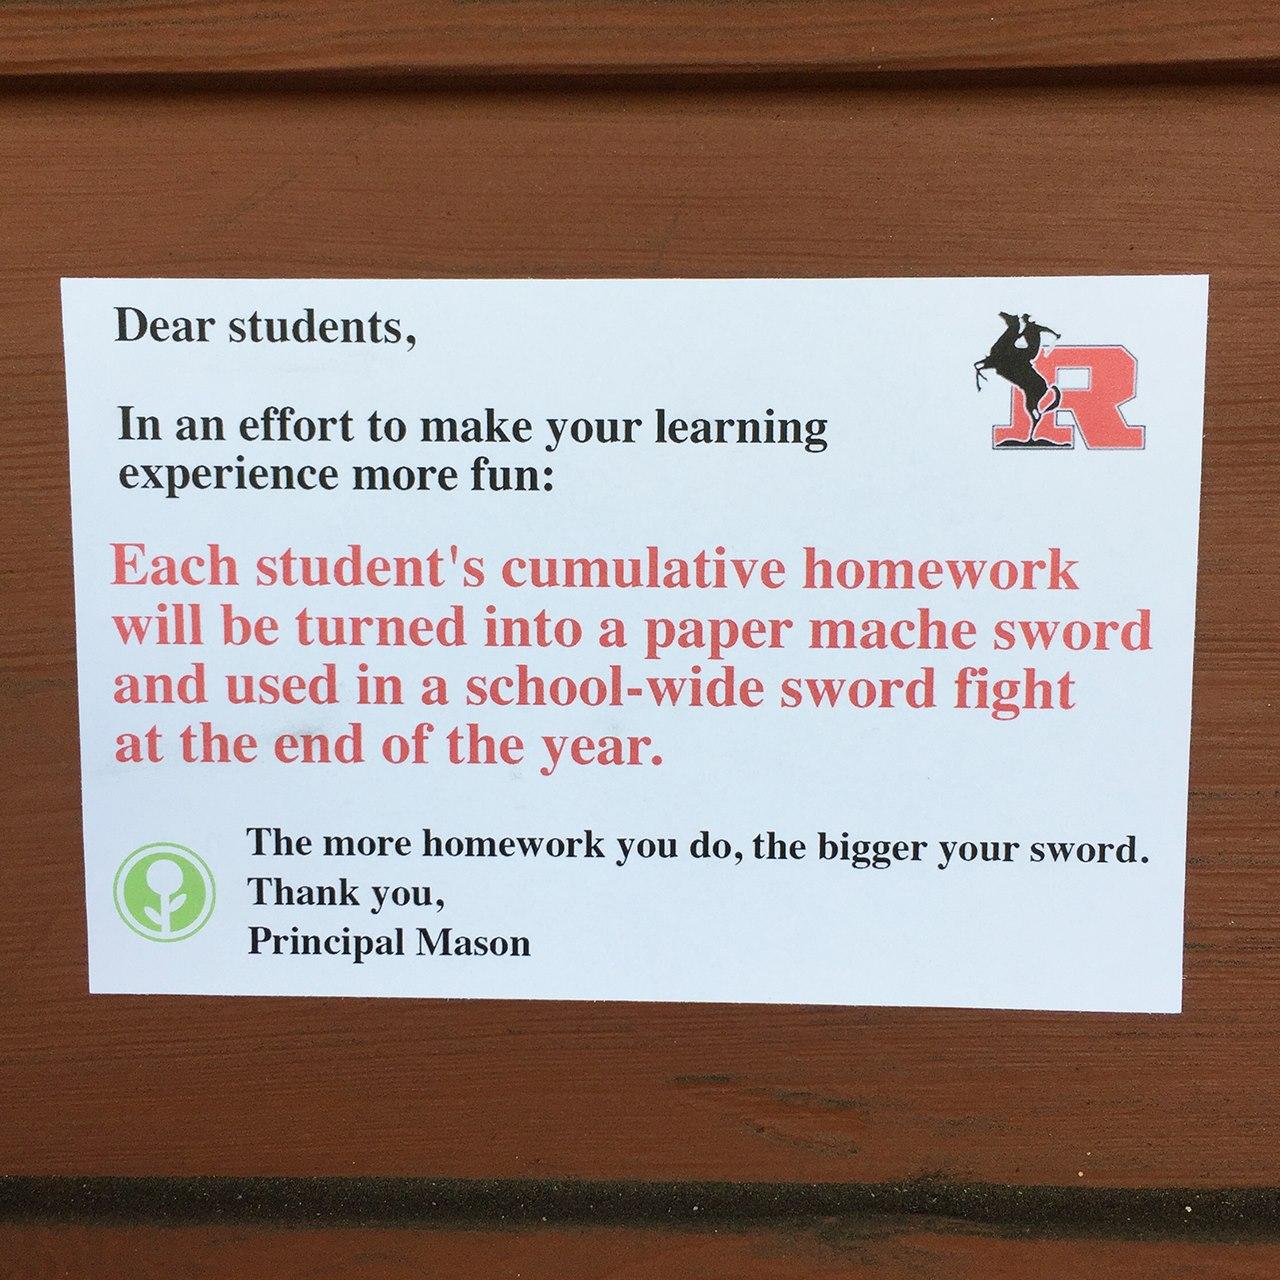 Hoe meer huiswerk, hoe toffer je zwaard